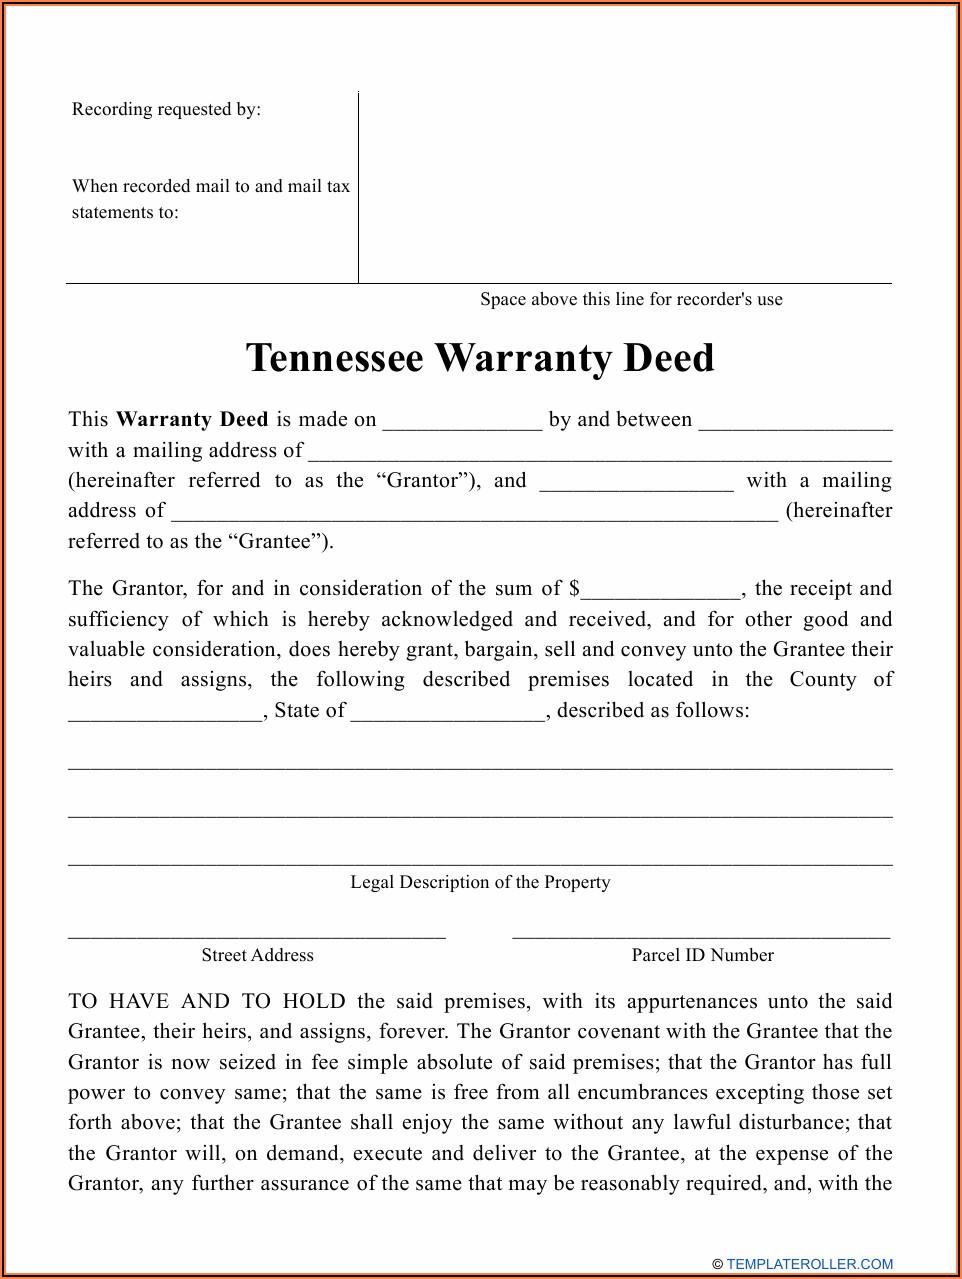 Blank Warranty Deed Form Tennessee